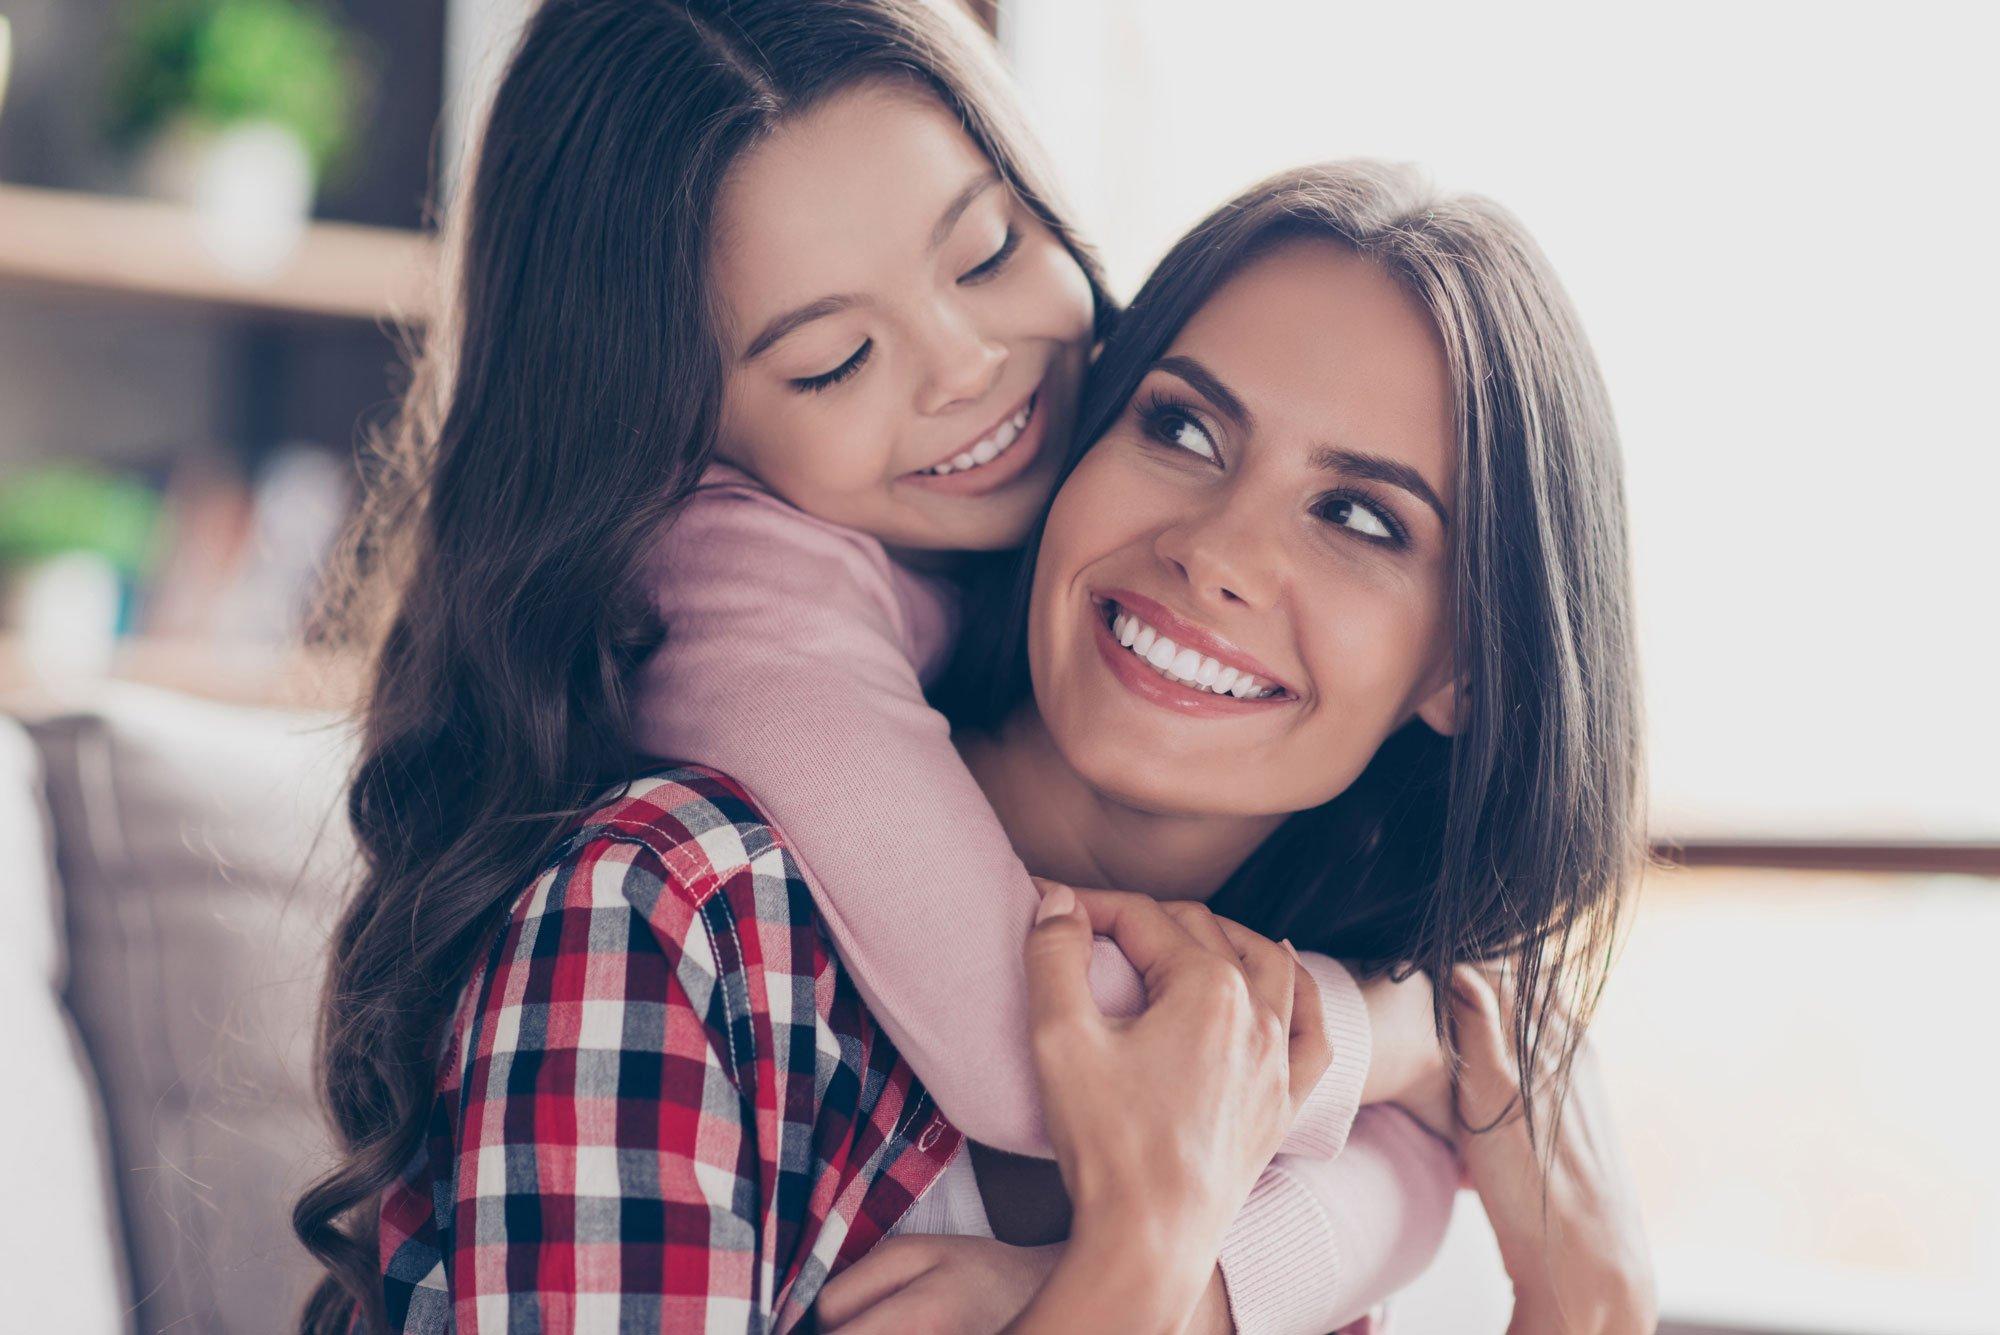 Mãe e filha abraçadas. Afeto.